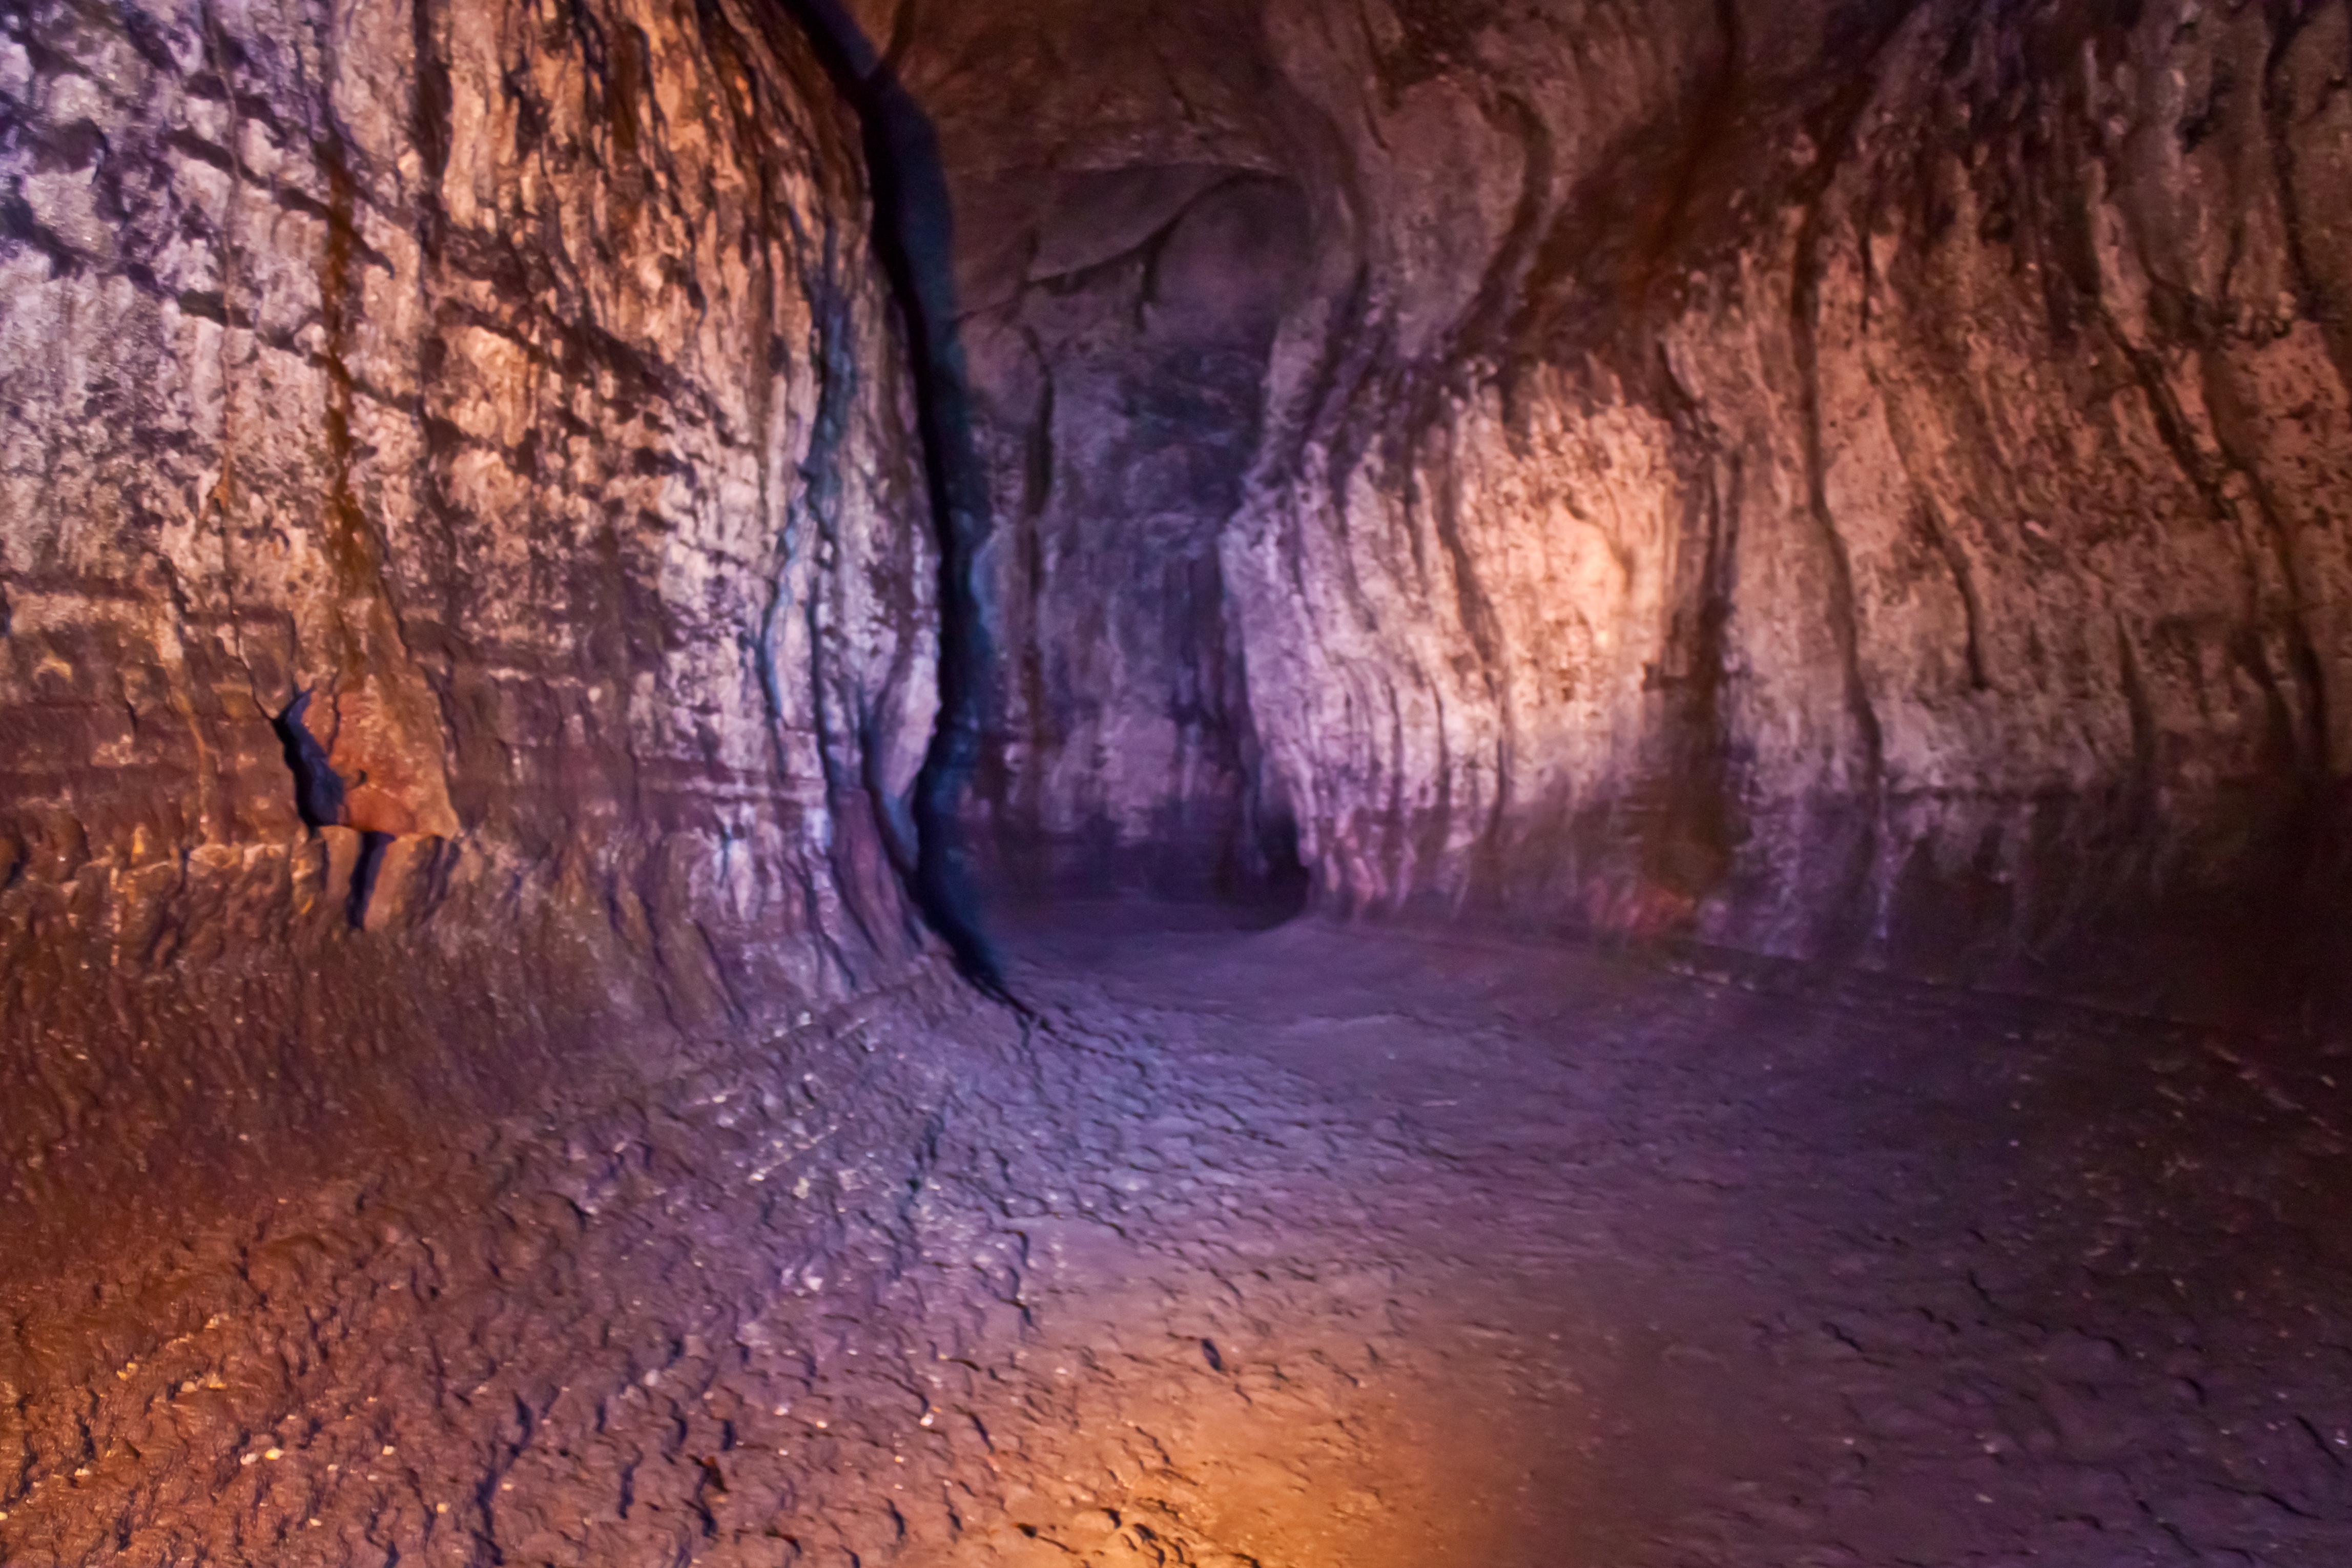 Ape Cave Lava tube